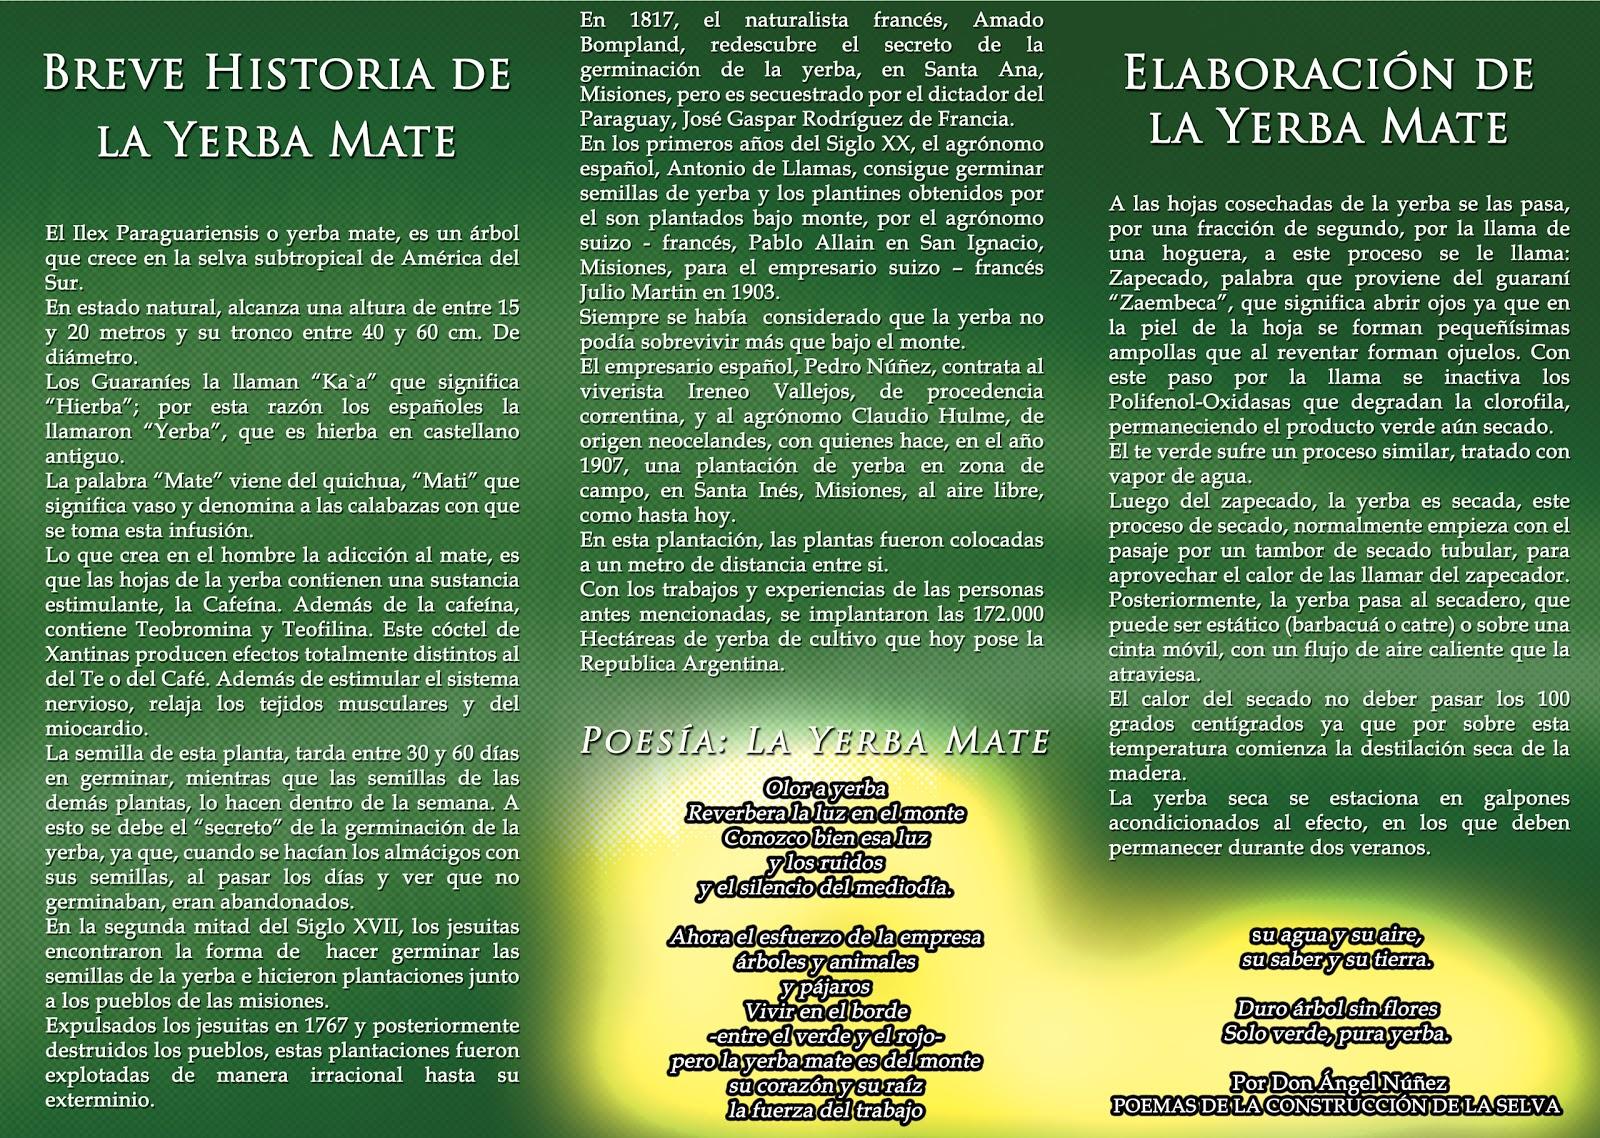 Circuito Yerba Mate : Noticias de la ruta de la yerba mate era cata con historia